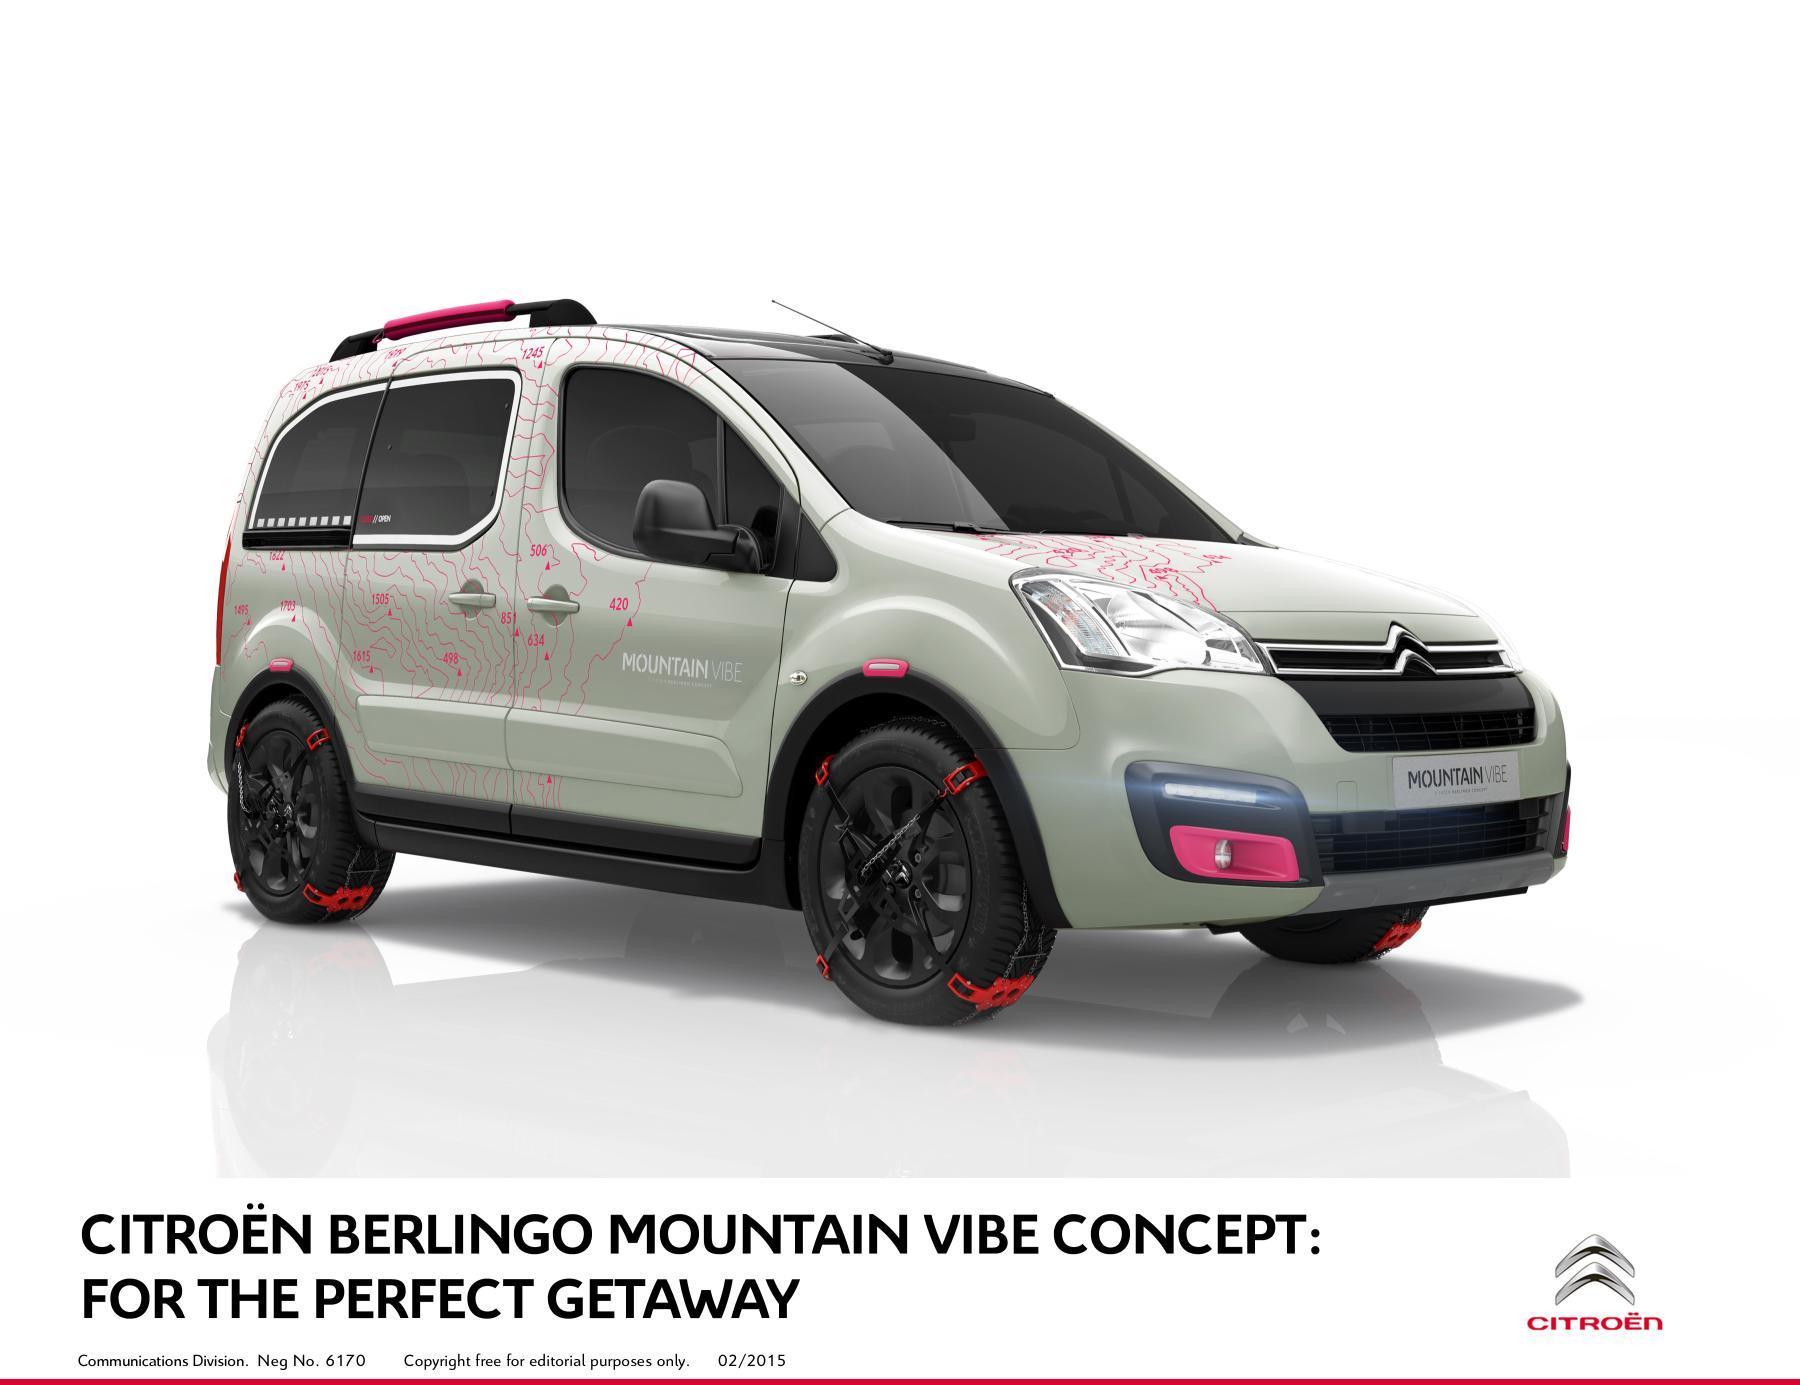 Citroën Berlingo Mountain Vibe Concept Met de Berlingo Mountain Vibe richt Citroën zich op de wintersporters. Dit wordt bereikt door een bijzonder uiterlijk ontwerp, dat kan ik tot in detail vertellen, maar dat kunnen jullie zelf ook wel op de foto zien. Wat daar niet zo goed te zien is, is het interieur. Zowel de voorstoelen als de tweede zitrij, die uit drie afzonderlijke stoelen bestaat, zijn uitgerust met een grijze slijtvaste stof. Het dak is van glas, zodat de passagiers extra goed zicht op de bergen om zich heen hebben. Met de Berlingo Mountain Vibe richt Citroën zich op de wintersporters. Dit wordt bereikt door een bijzonder uiterlijk ontwerp, dat kan ik tot in detail vertellen, maar dat kunnen jullie zelf ook wel op de foto zien. Wat daar niet zo goed te zien is, is het interieur. Zowel de voorstoelen als de tweede zitrij, die uit drie afzonderlijke stoelen bestaat, zijn uitgerust met een grijze slijtvaste stof. Het dak is van glas, zodat de passagiers extra goed zicht op de bergen om zich heen hebben. Met de Berlingo Mountain Vibe richt Citroën zich op de wintersporters. Dit wordt bereikt door een bijzonder uiterlijk ontwerp, dat kan ik tot in detail vertellen, maar dat kunnen jullie zelf ook wel op de foto zien. Wat daar niet zo goed te zien is, is het interieur. Zowel de voorstoelen als de tweede zitrij, die uit drie afzonderlijke stoelen bestaat, zijn uitgerust met een grijze slijtvaste stof. Het dak is van glas, zodat de passagiers extra goed zicht op de bergen om zich heen hebben. Met de Berlingo Mountain Vibe richt Citroën zich op de wintersporters. Dit wordt bereikt door een bijzonder uiterlijk ontwerp, dat kan ik tot in detail vertellen, maar dat kunnen jullie zelf ook wel op de foto zien. Wat daar niet zo goed te zien is, is het interieur. Zowel de voorstoelen als de tweede zitrij, die uit drie afzonderlijke stoelen bestaat, zijn uitgerust met een grijze slijtvaste stof. Het dak is van glas, zodat de passagiers extra goed zicht op de bergen om zic